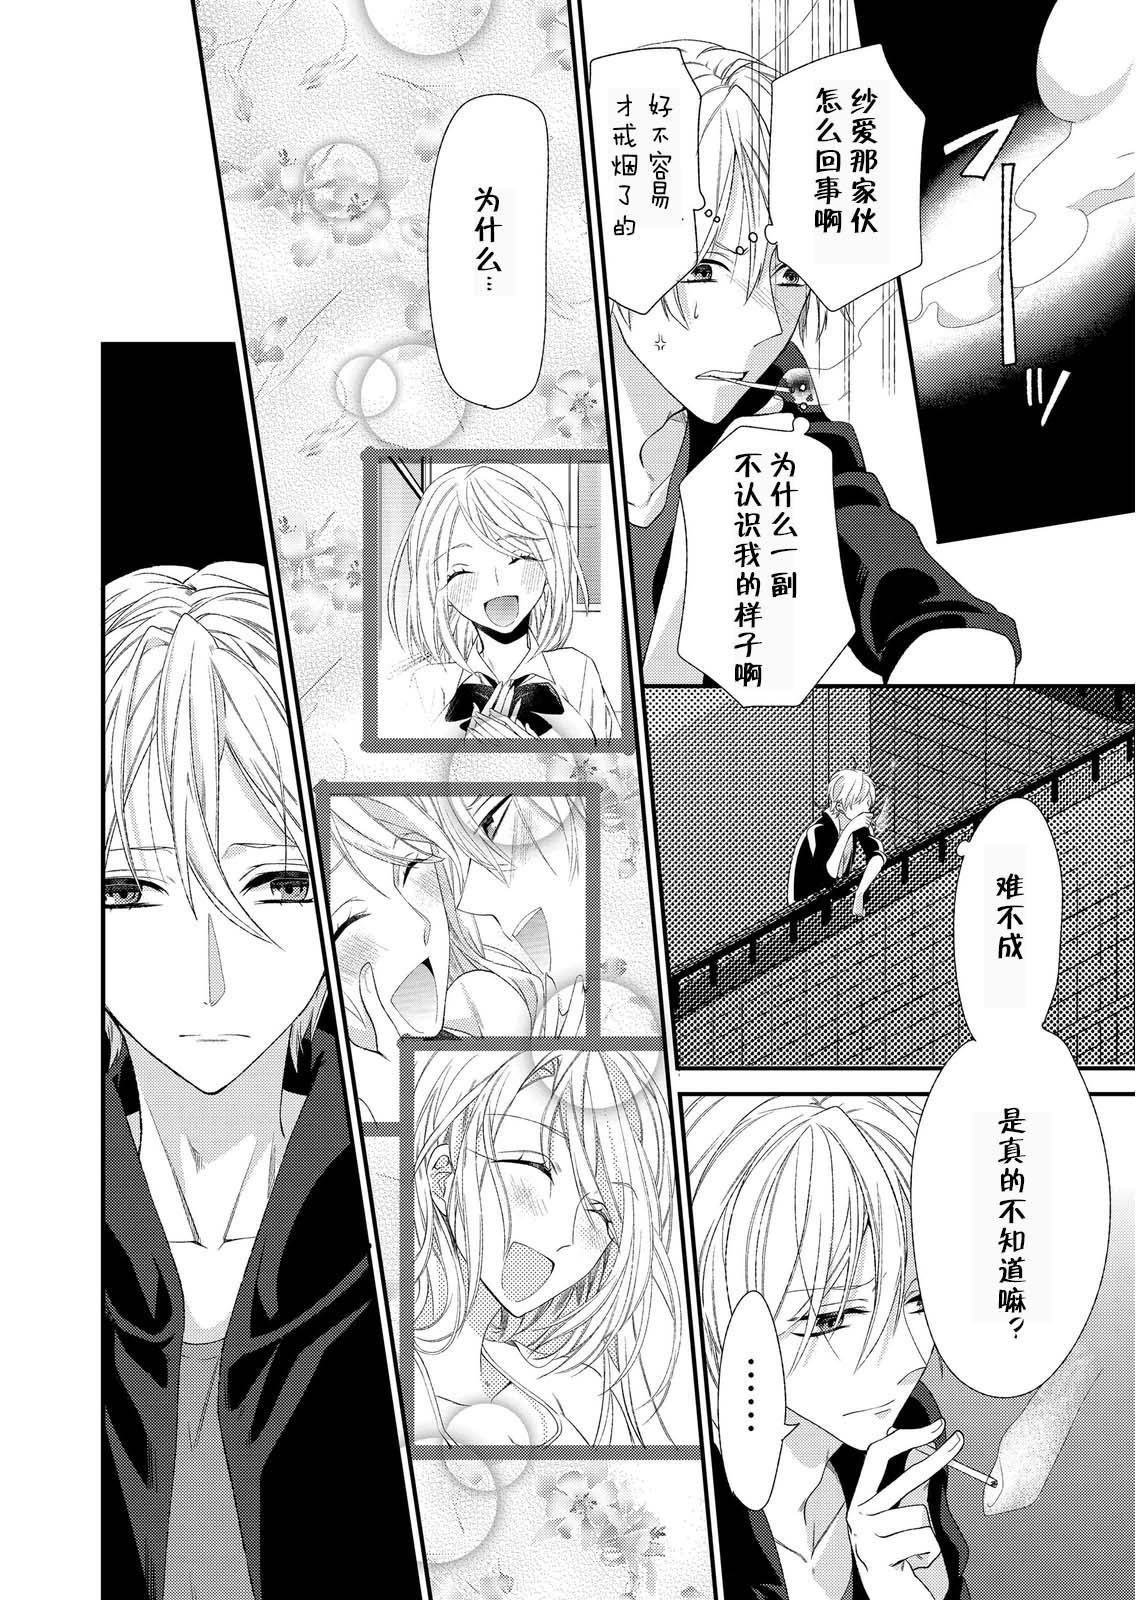 Kioku Sousitsu!? Watashi no Kareshi ha Docchi? Karada de Tameshite・・・ | 失忆!?我的男朋友到底是谁?用身体来确认…Ch. 1-2 37